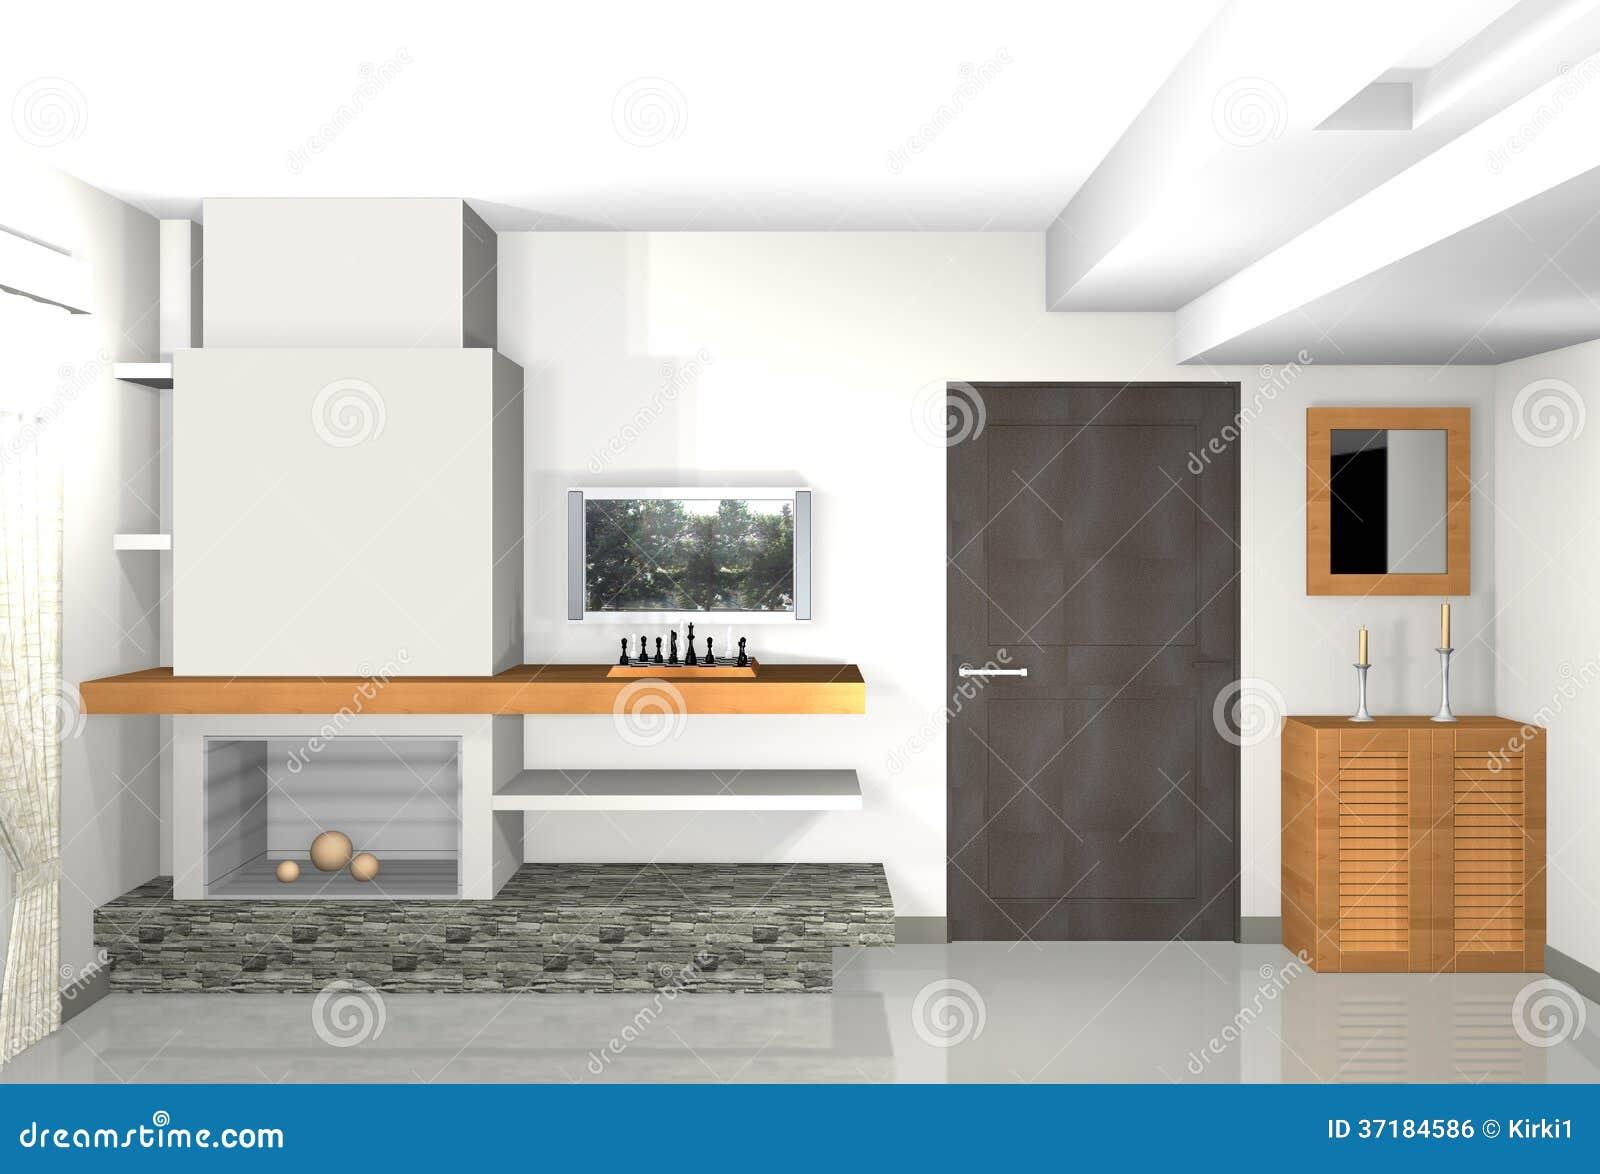 Modernes, Graues Wohnzimmer Mit Bibliothek Und Kamin